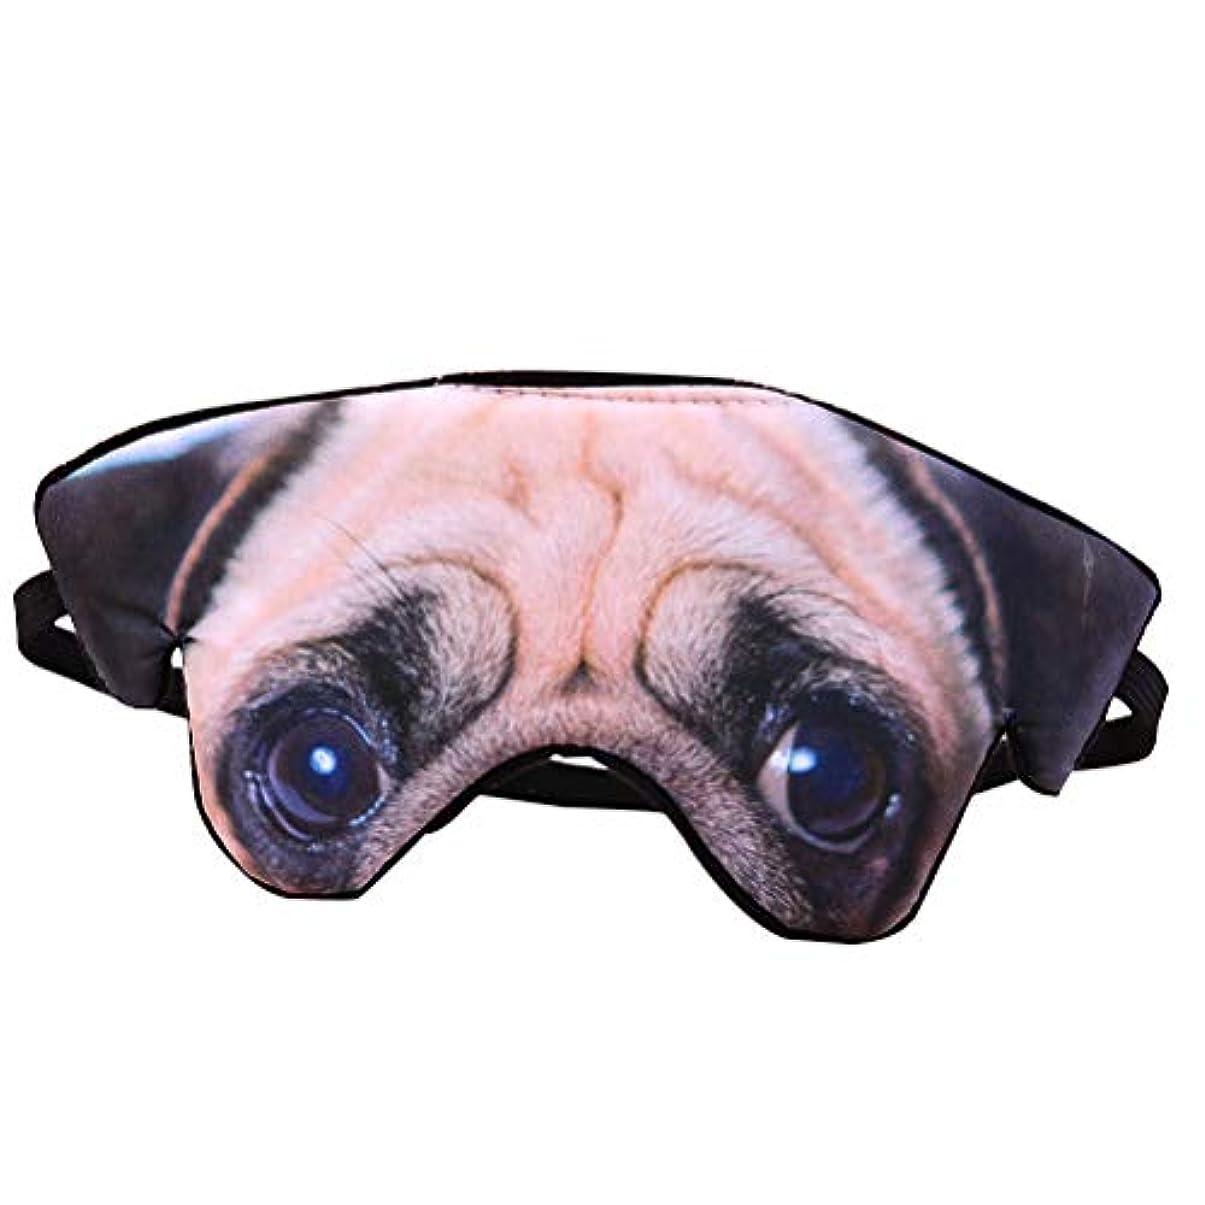 不利勘違いする誘うHealifty 3Dアイマスクシェードナップカバー目隠しレストエイド疲労アイパッドスリープゴーグル(Pug)